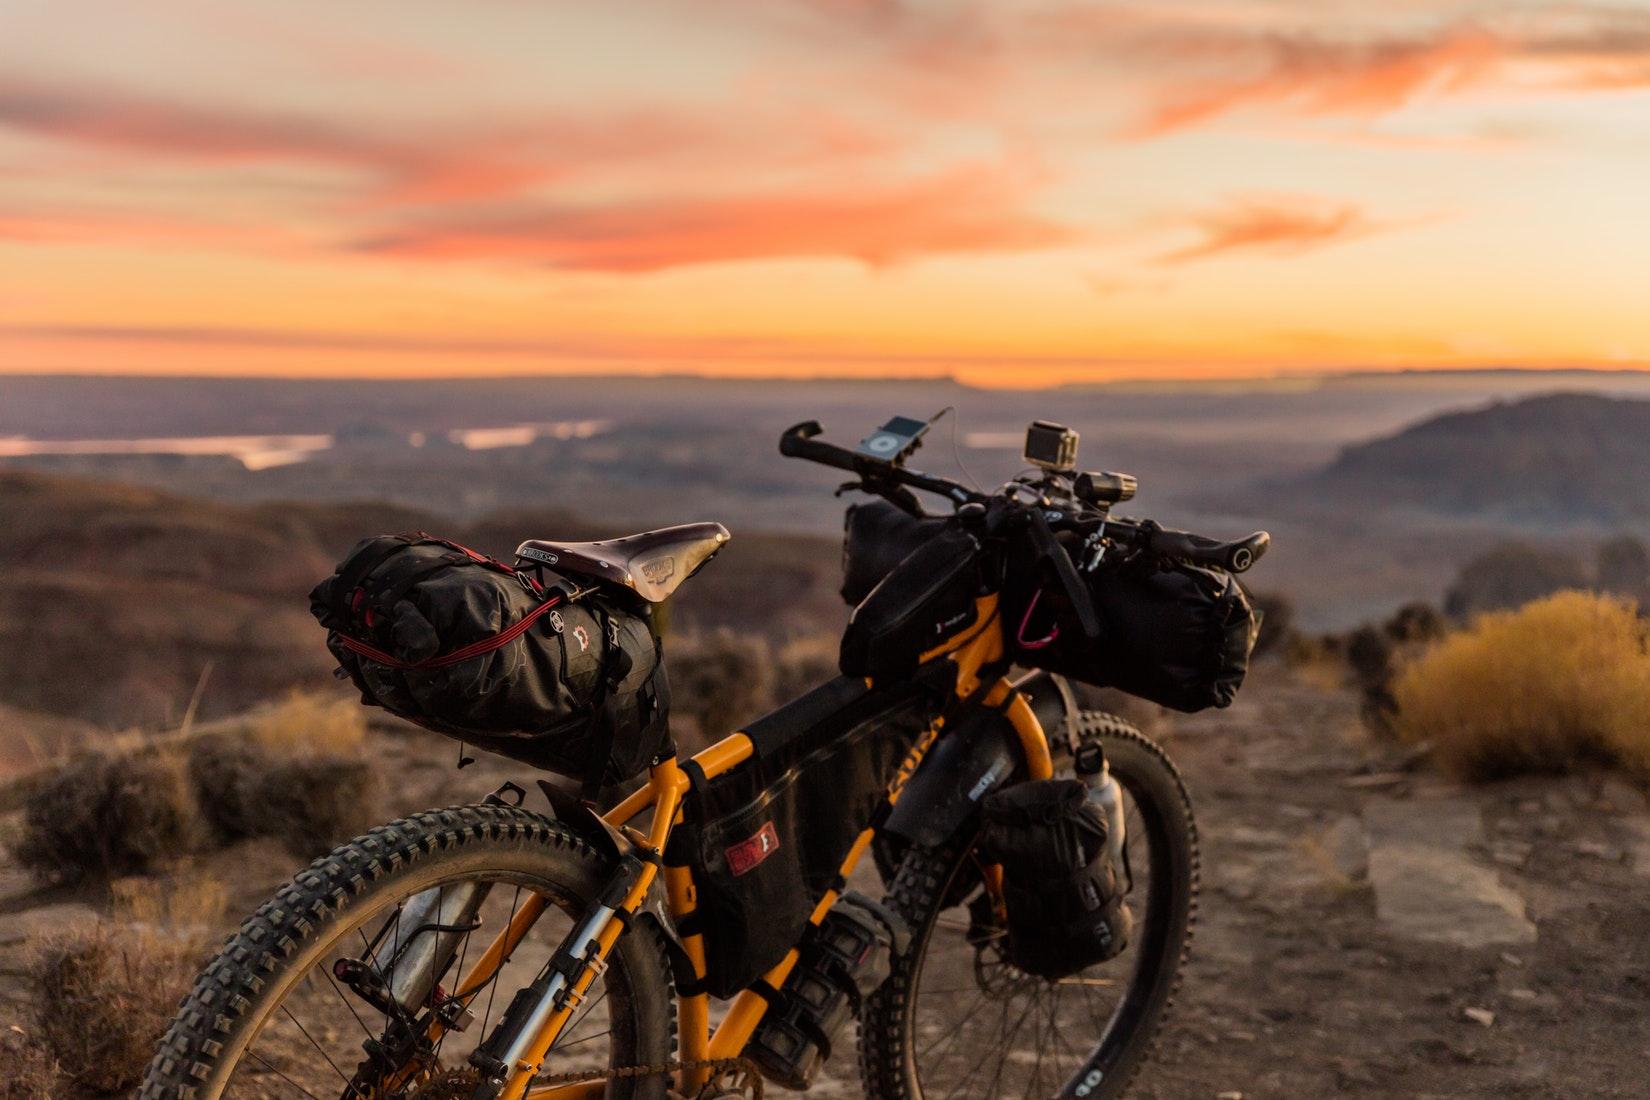 vacaciones-deportivas-bici-muchosol